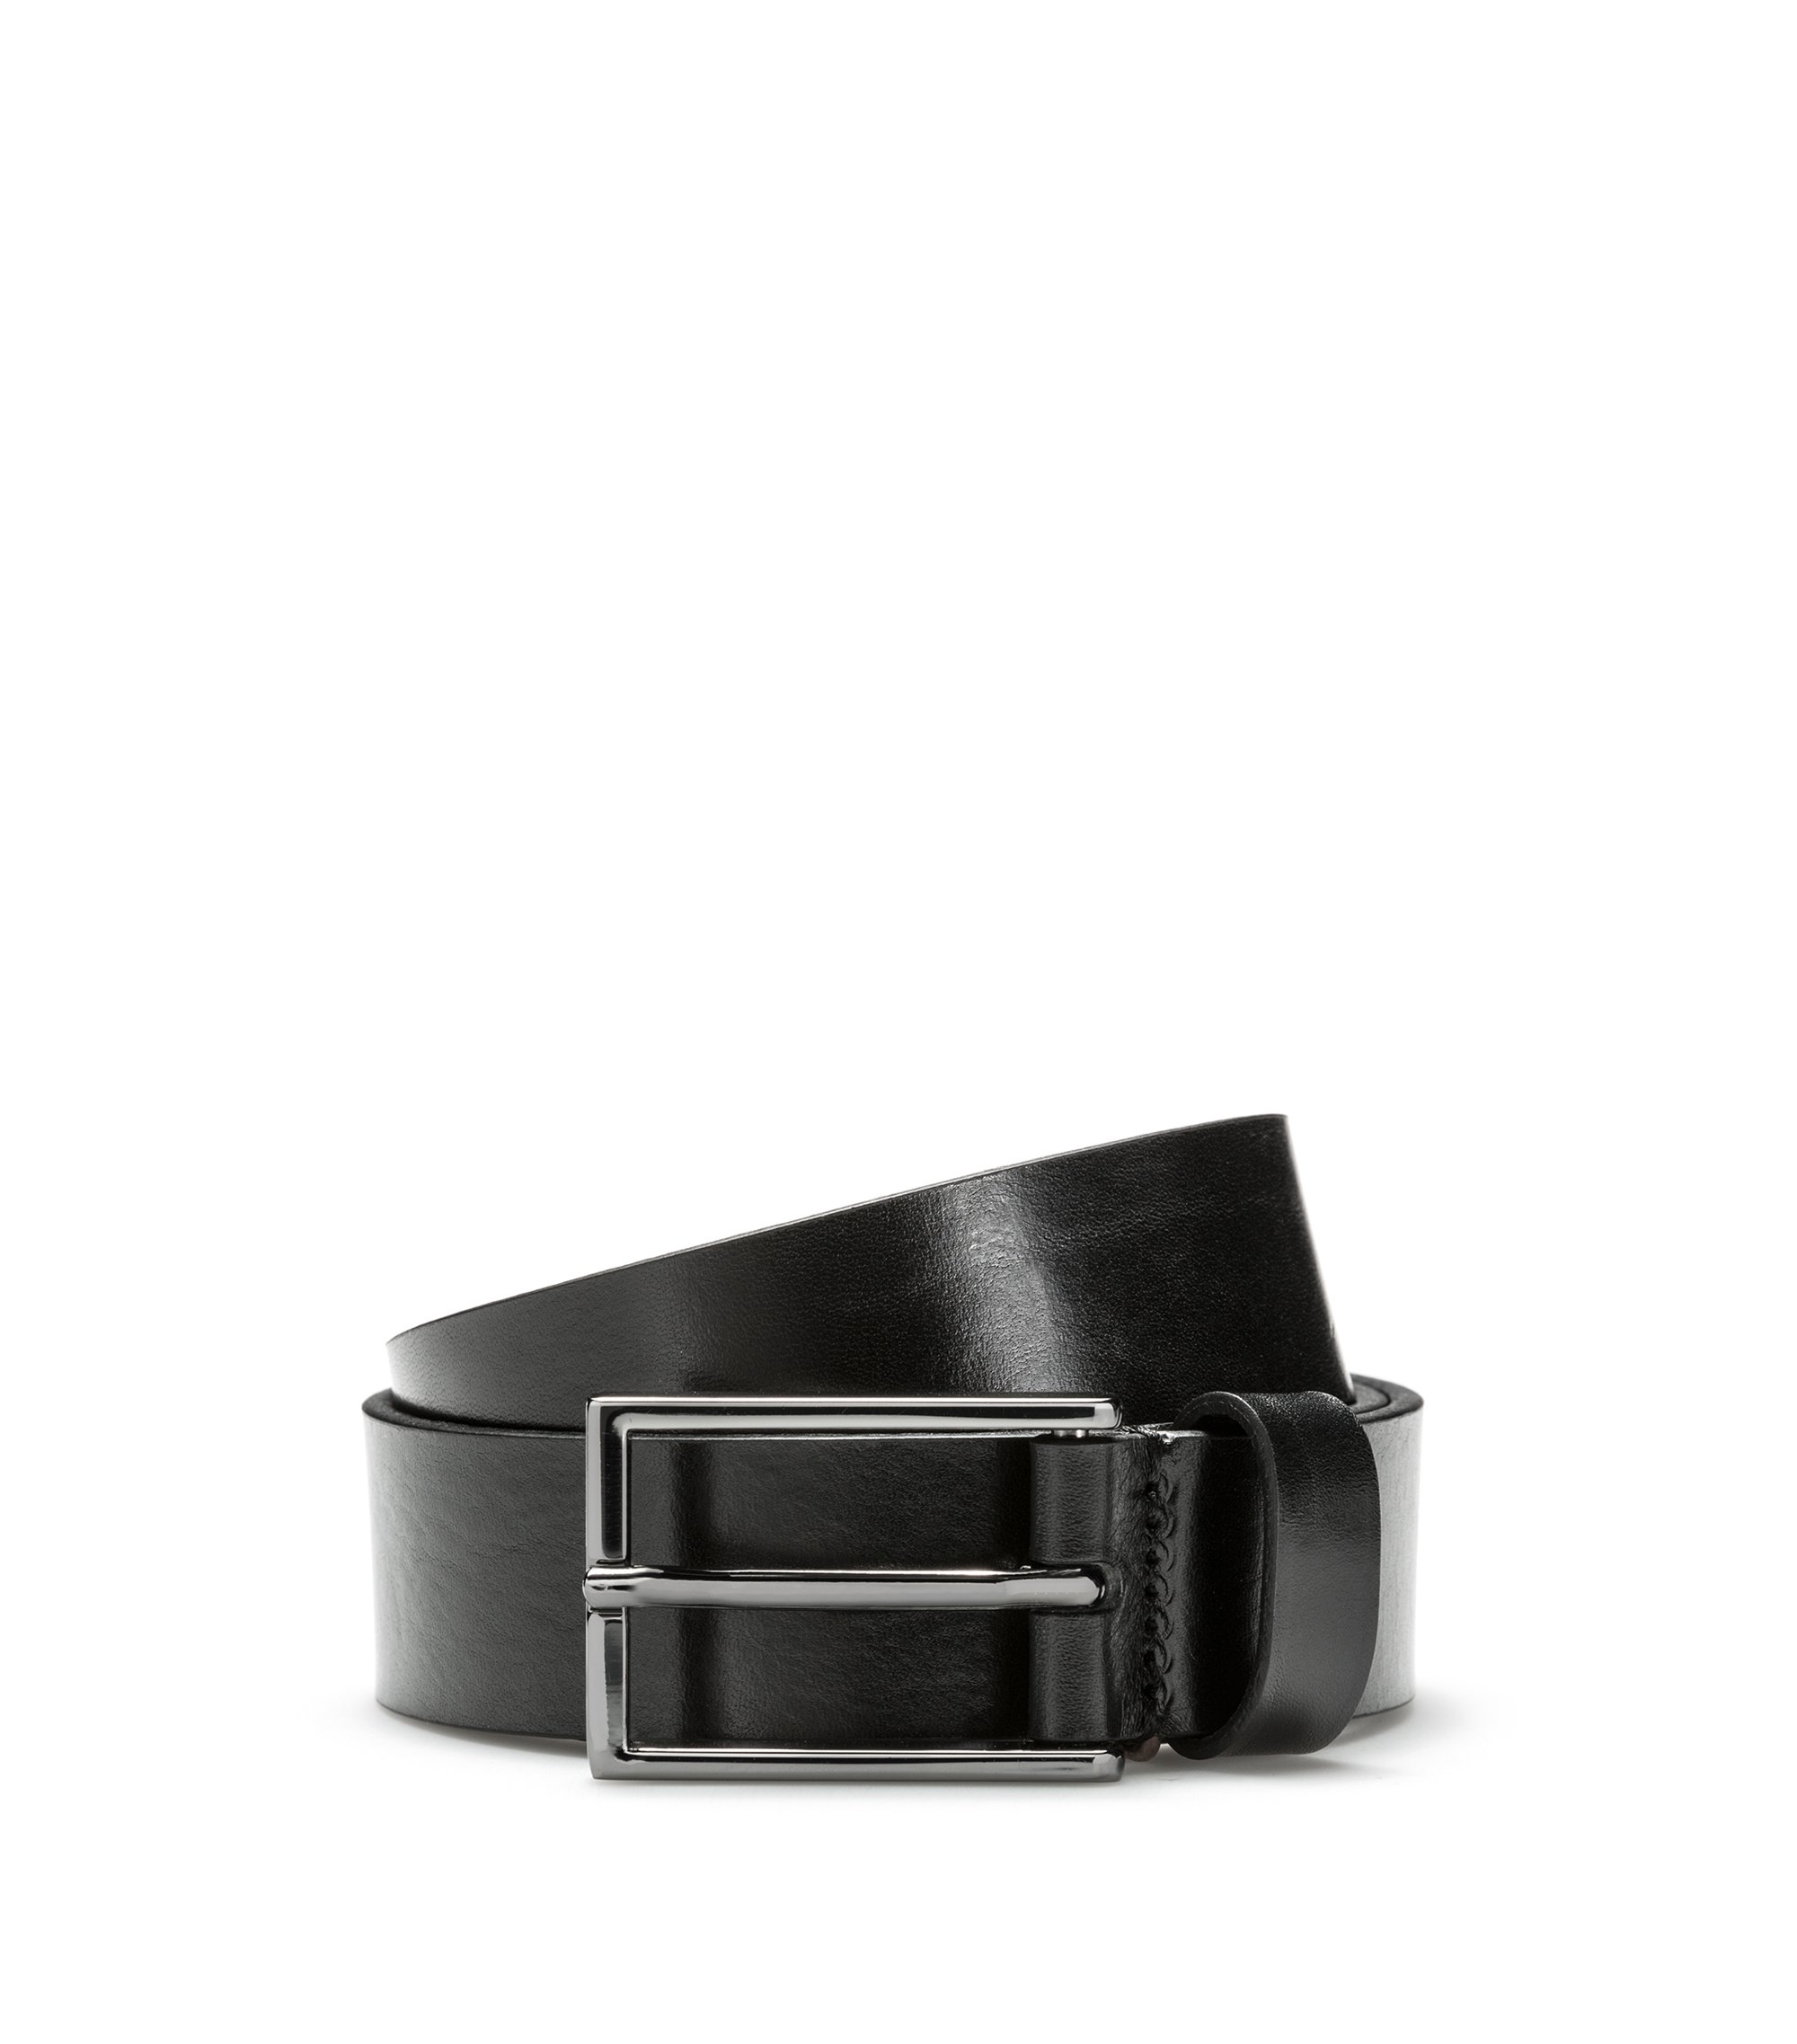 Ceinture en cuir avec logo inversé embossé, Noir